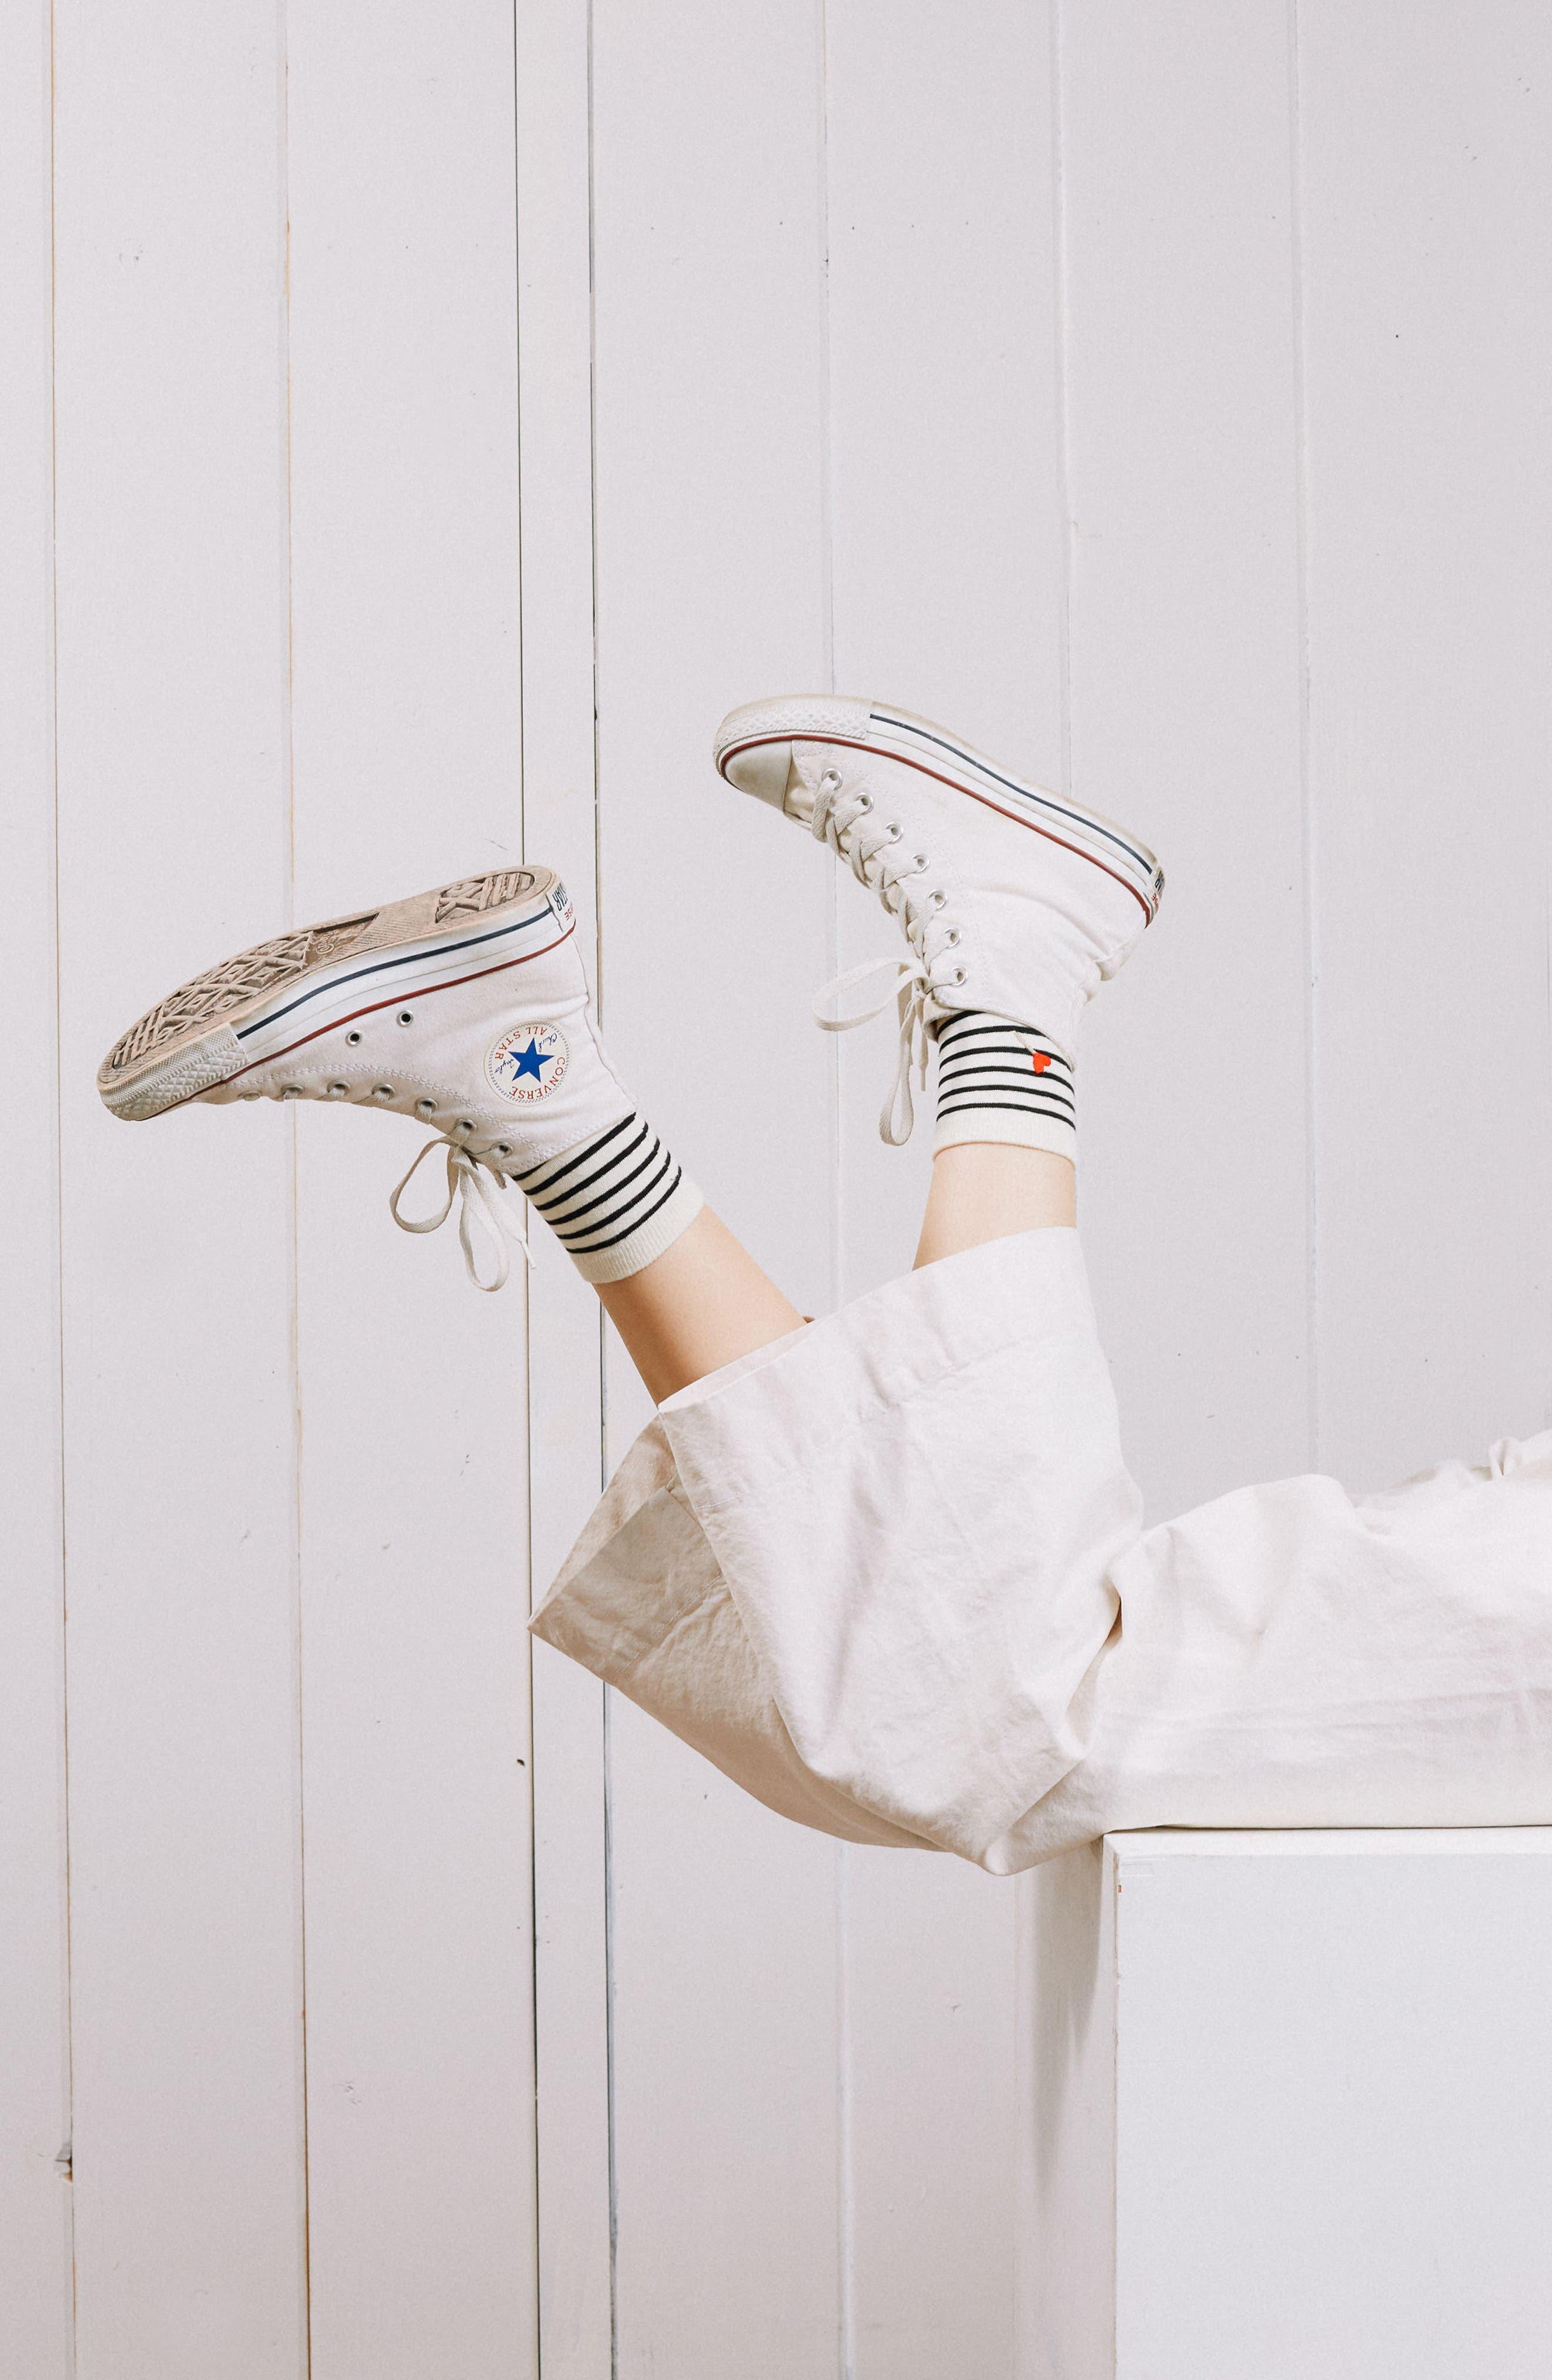 Tasty Ankle Socks,                             Alternate thumbnail 2, color,                             Black Ivory